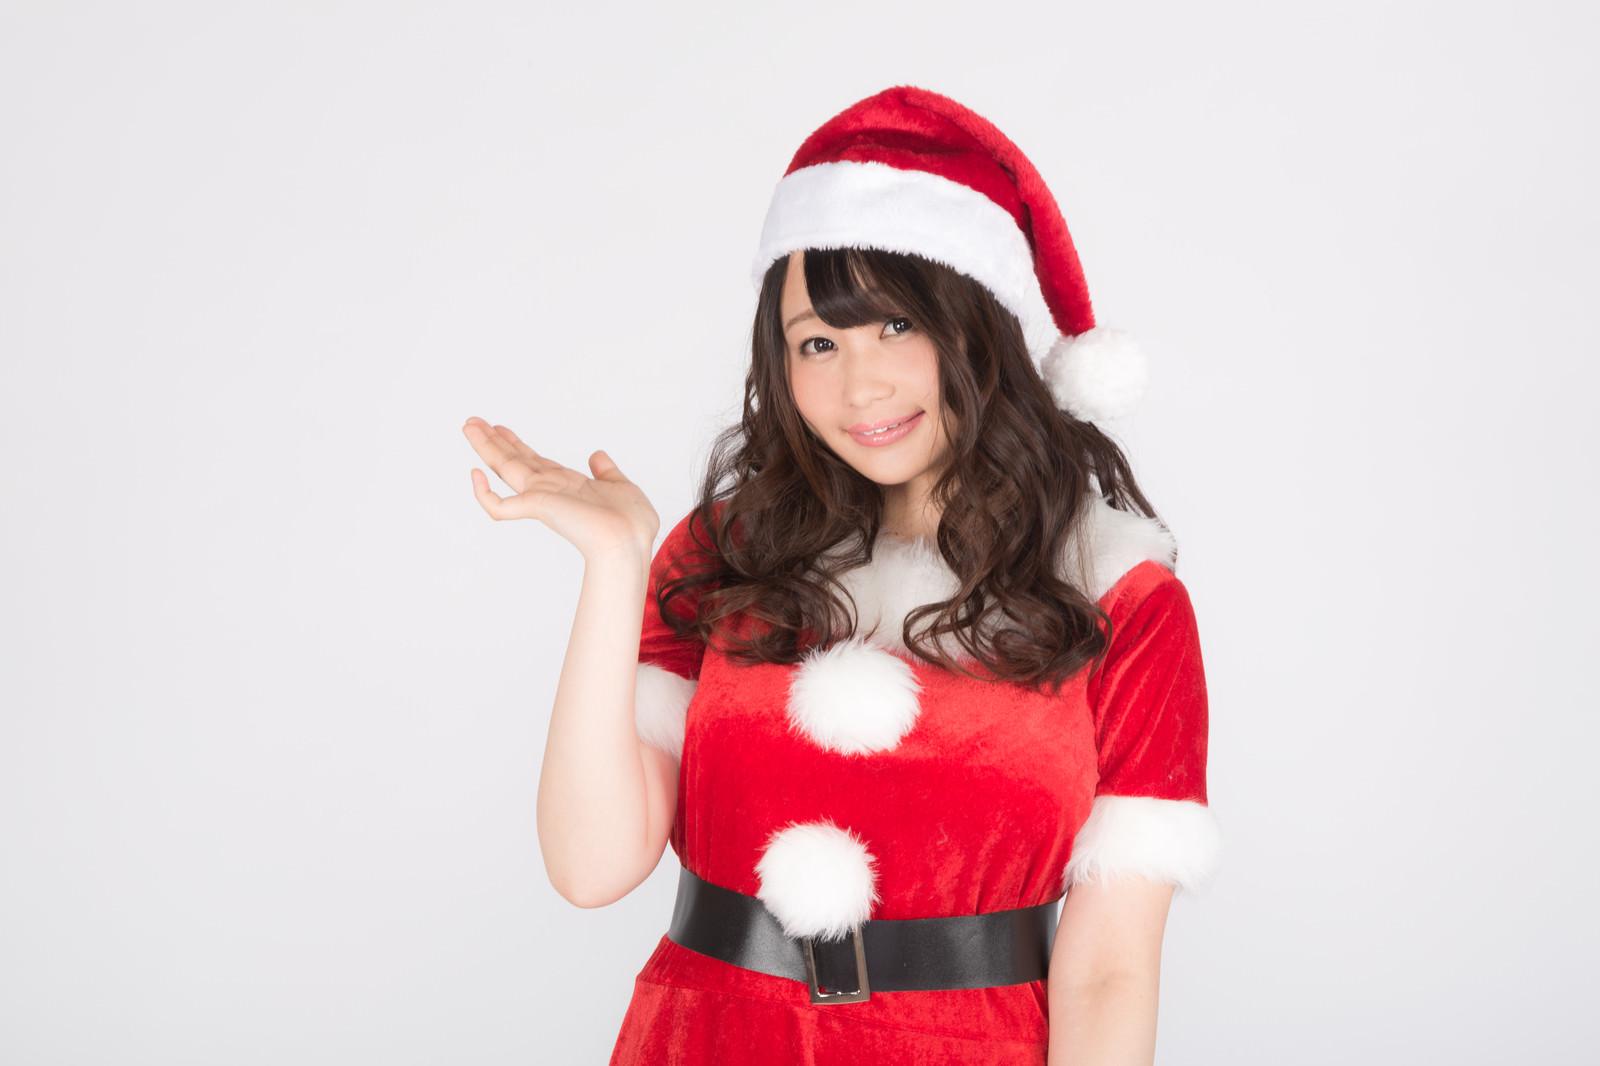 「サンタの格好をしたグラドルサンタの格好をしたグラドル」[モデル:茜さや]のフリー写真素材を拡大